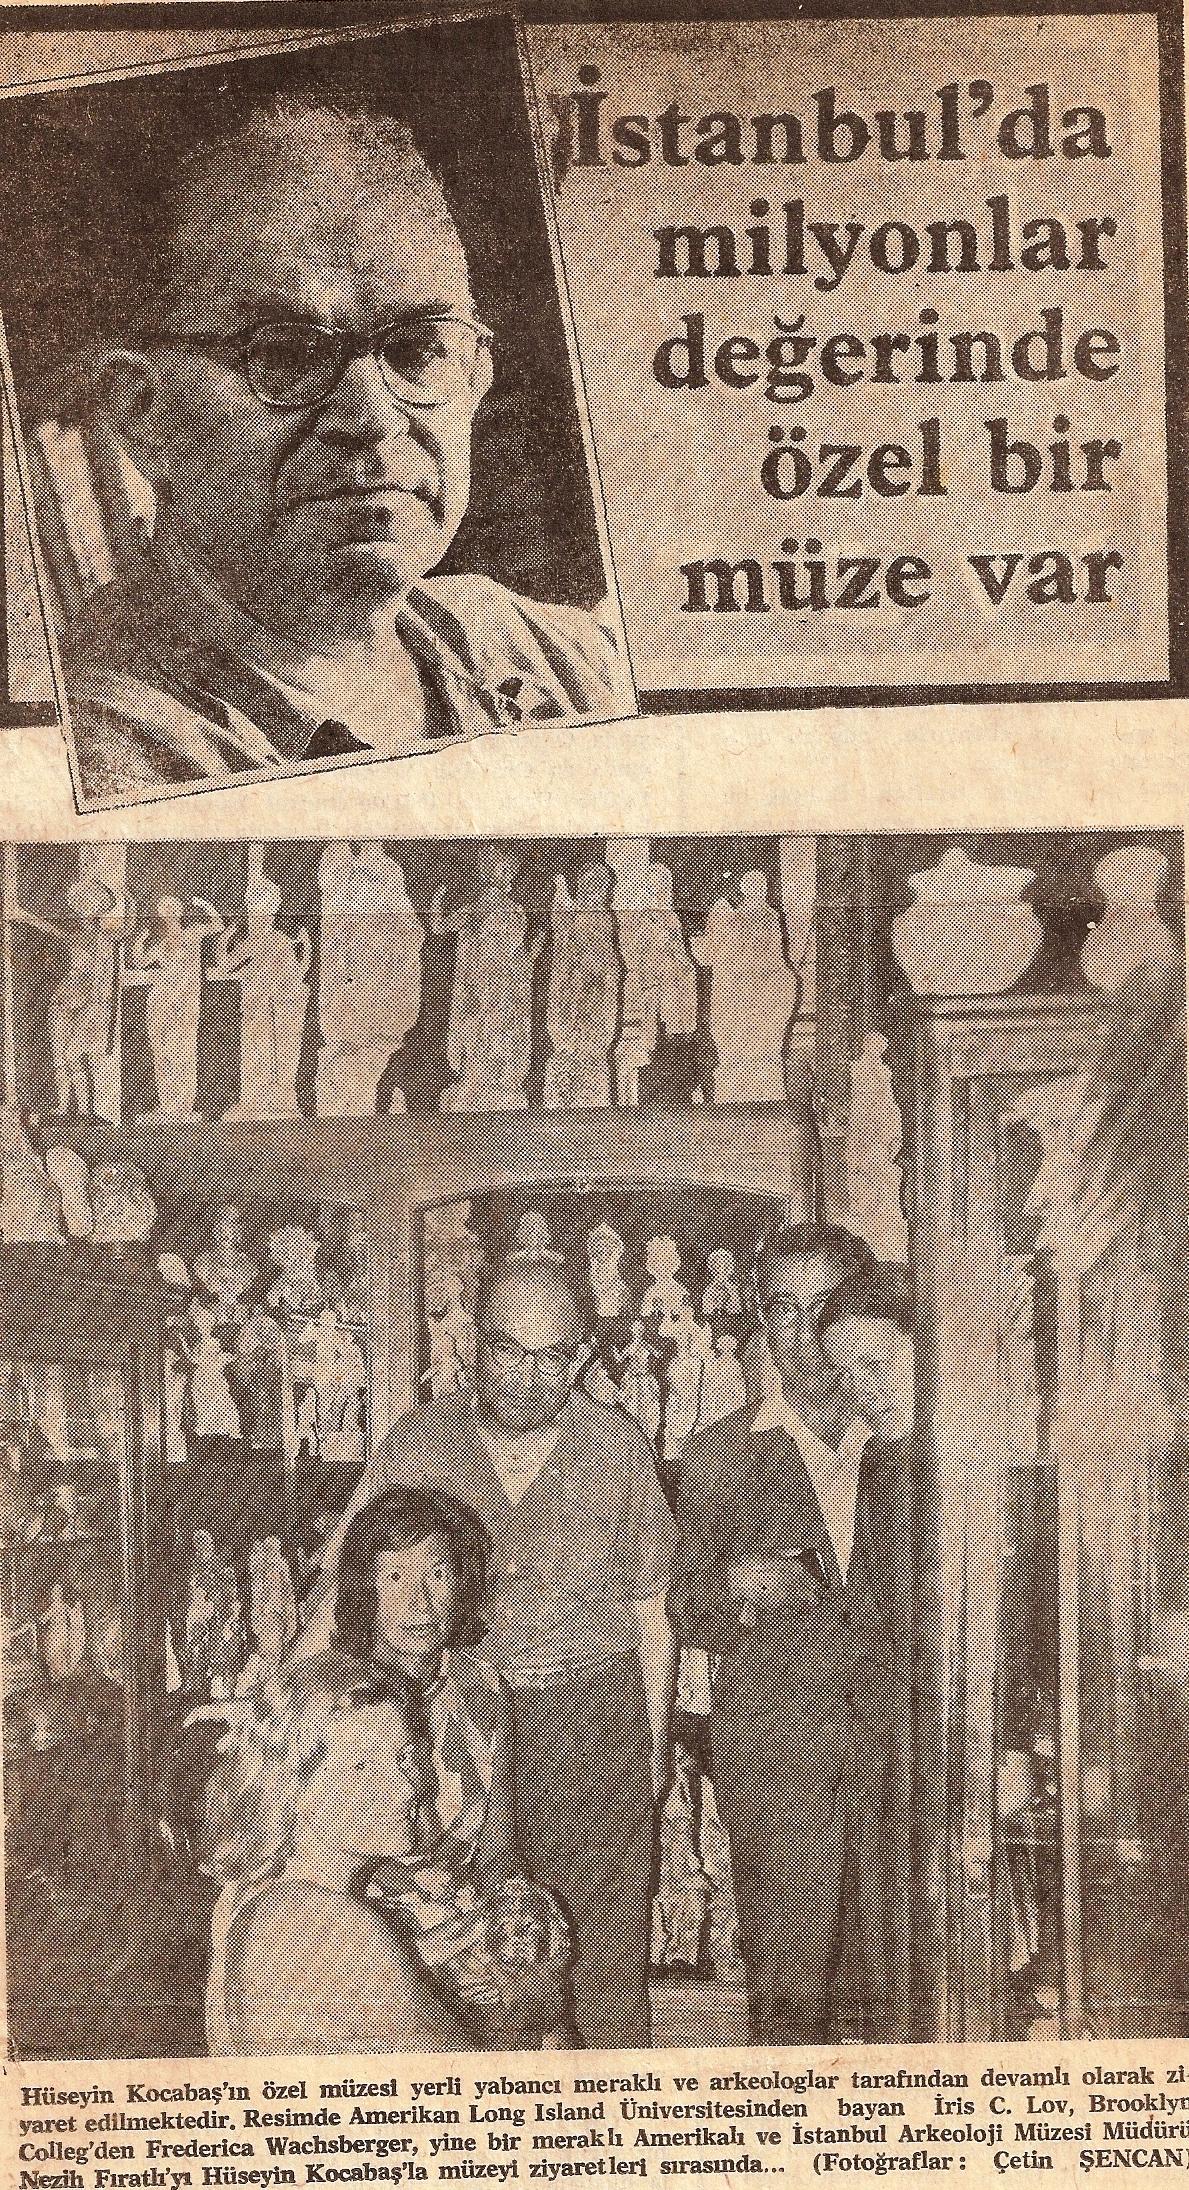 HUSEYIN KOCABAS (11)